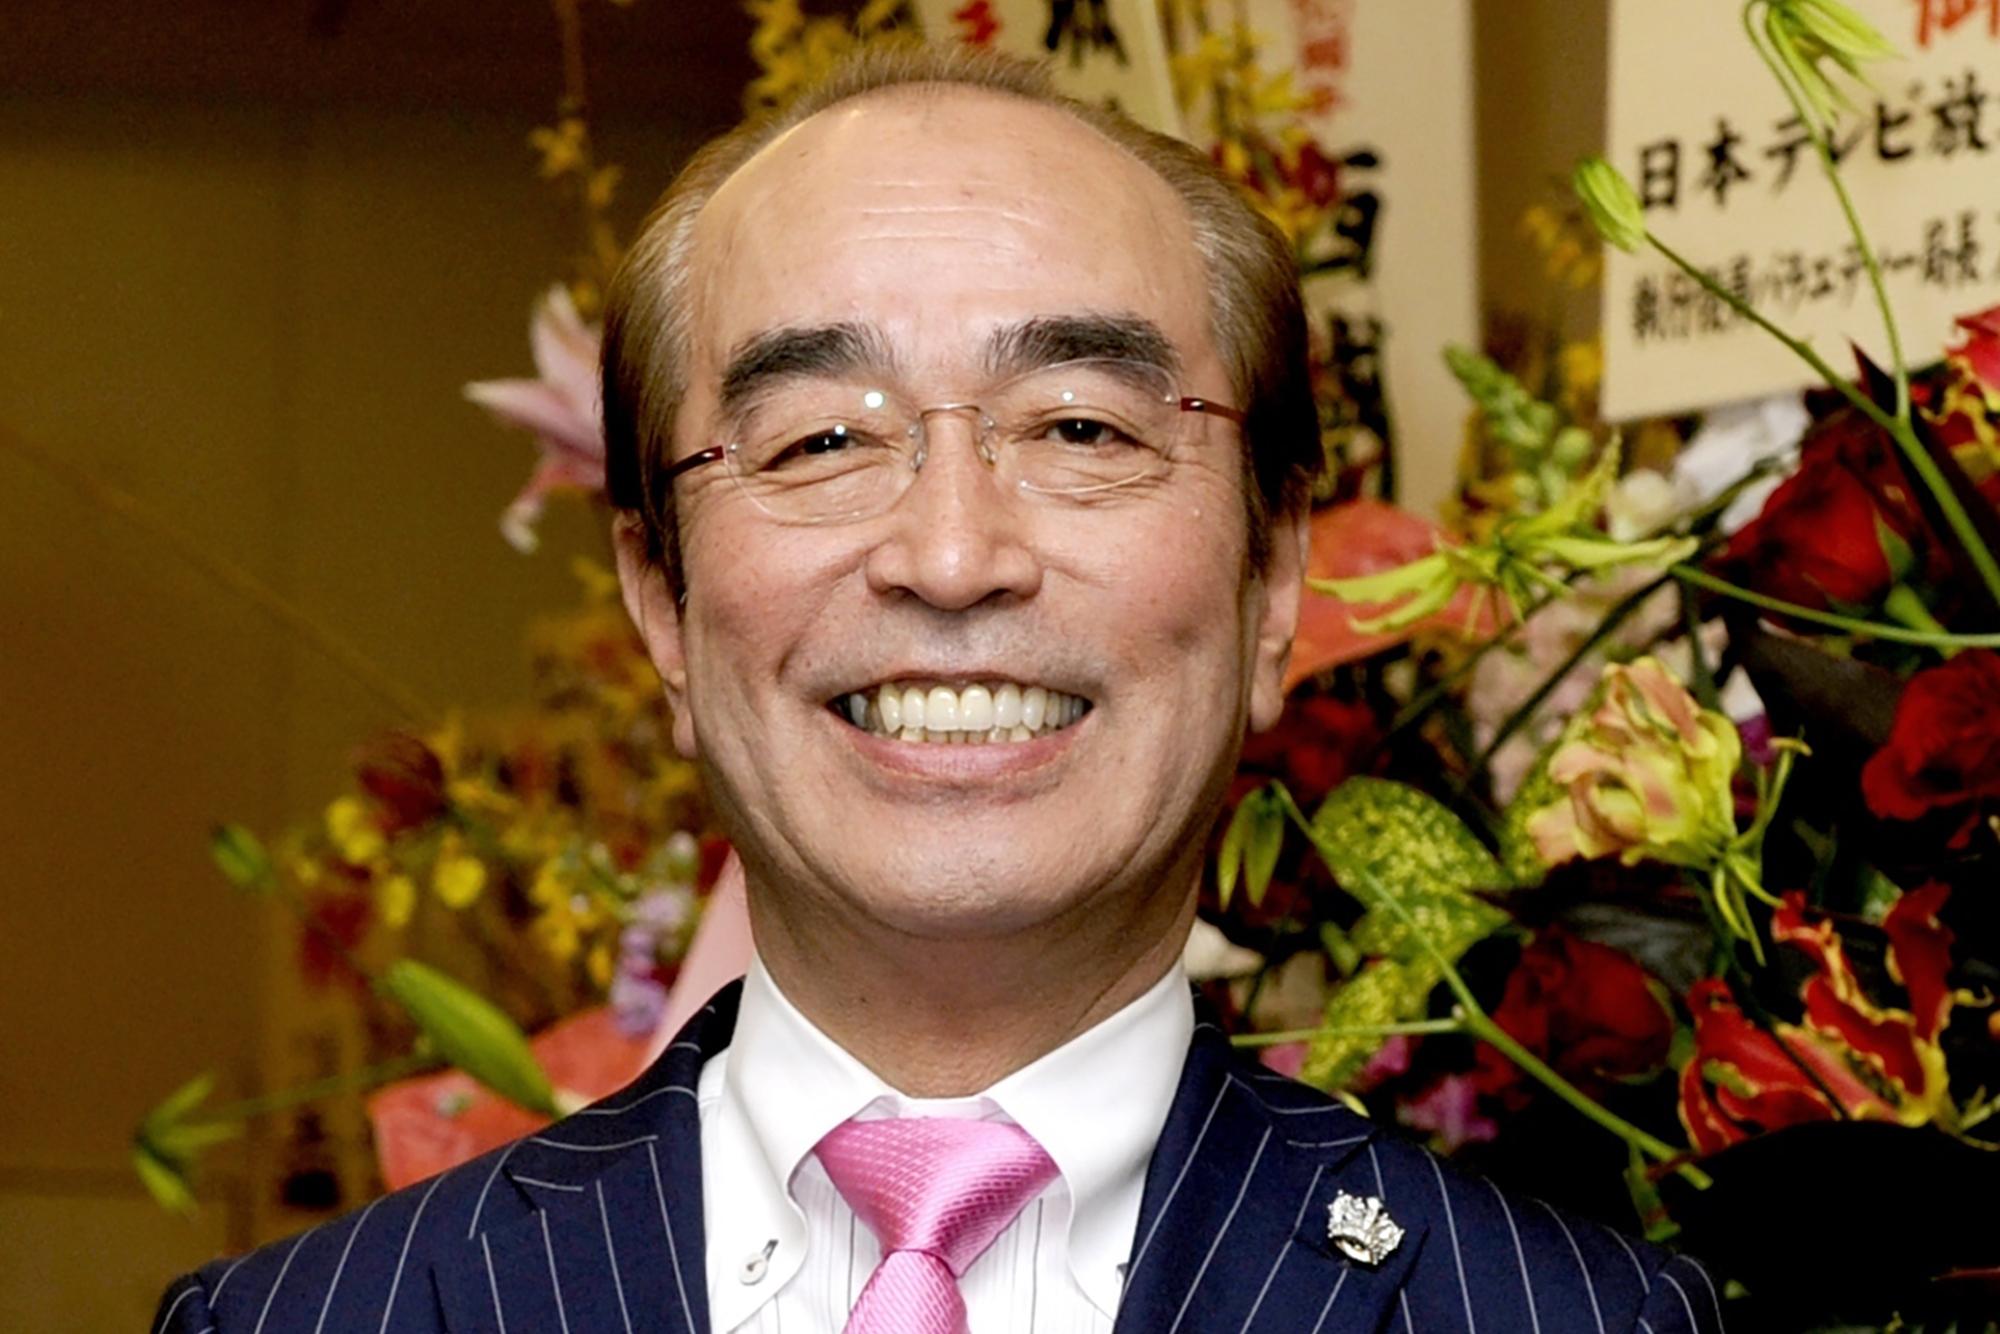 Ken Shimura